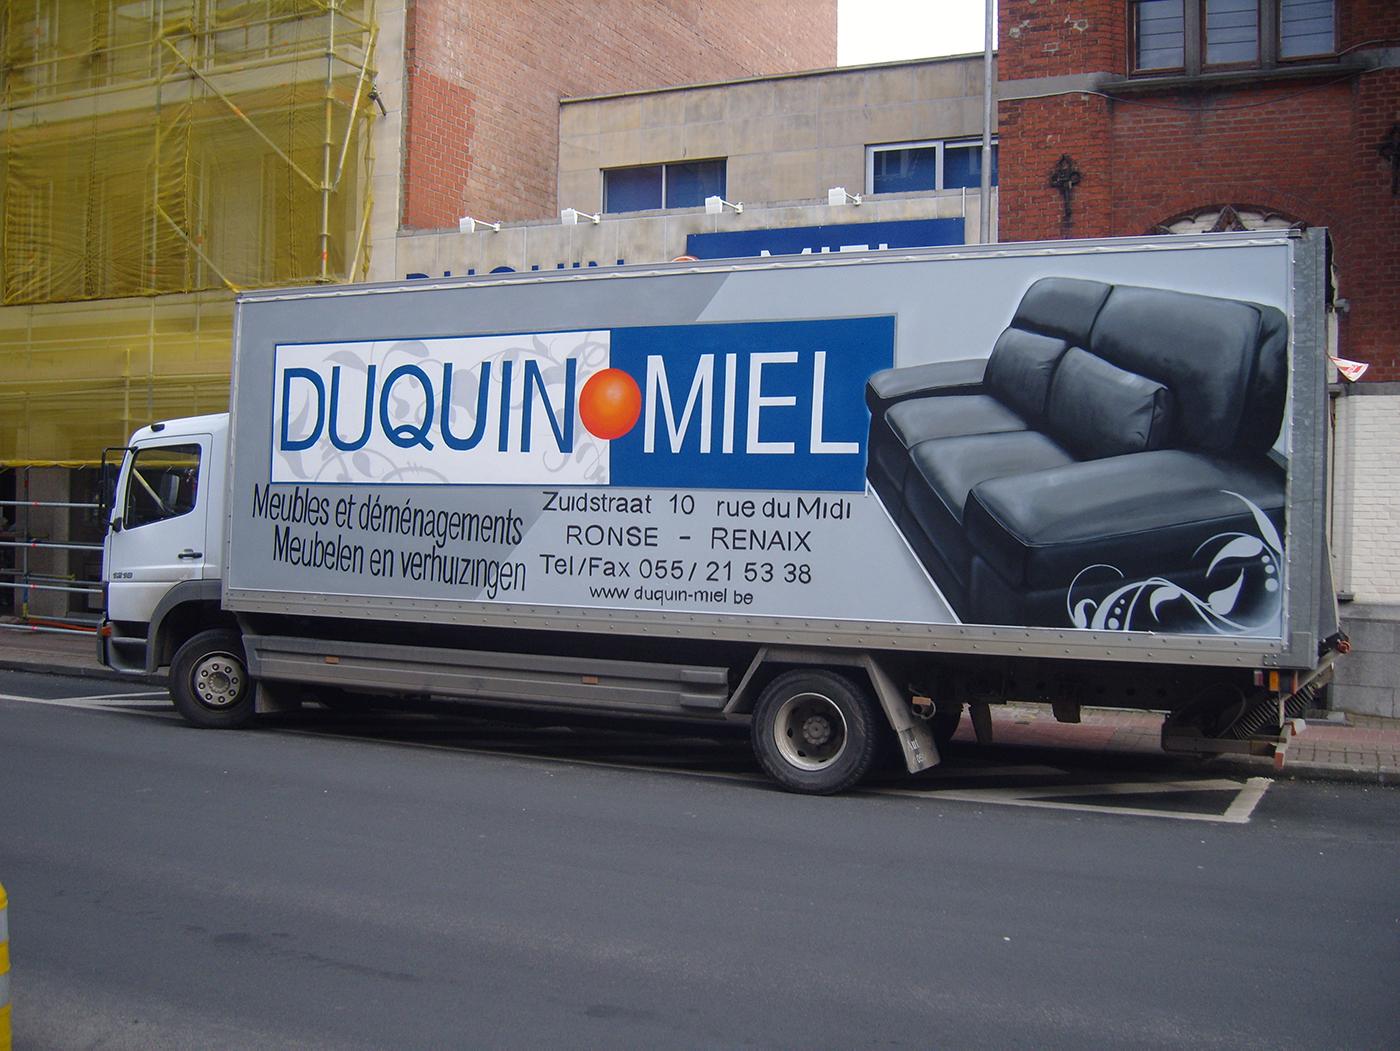 erosol belettering, reclame op camion